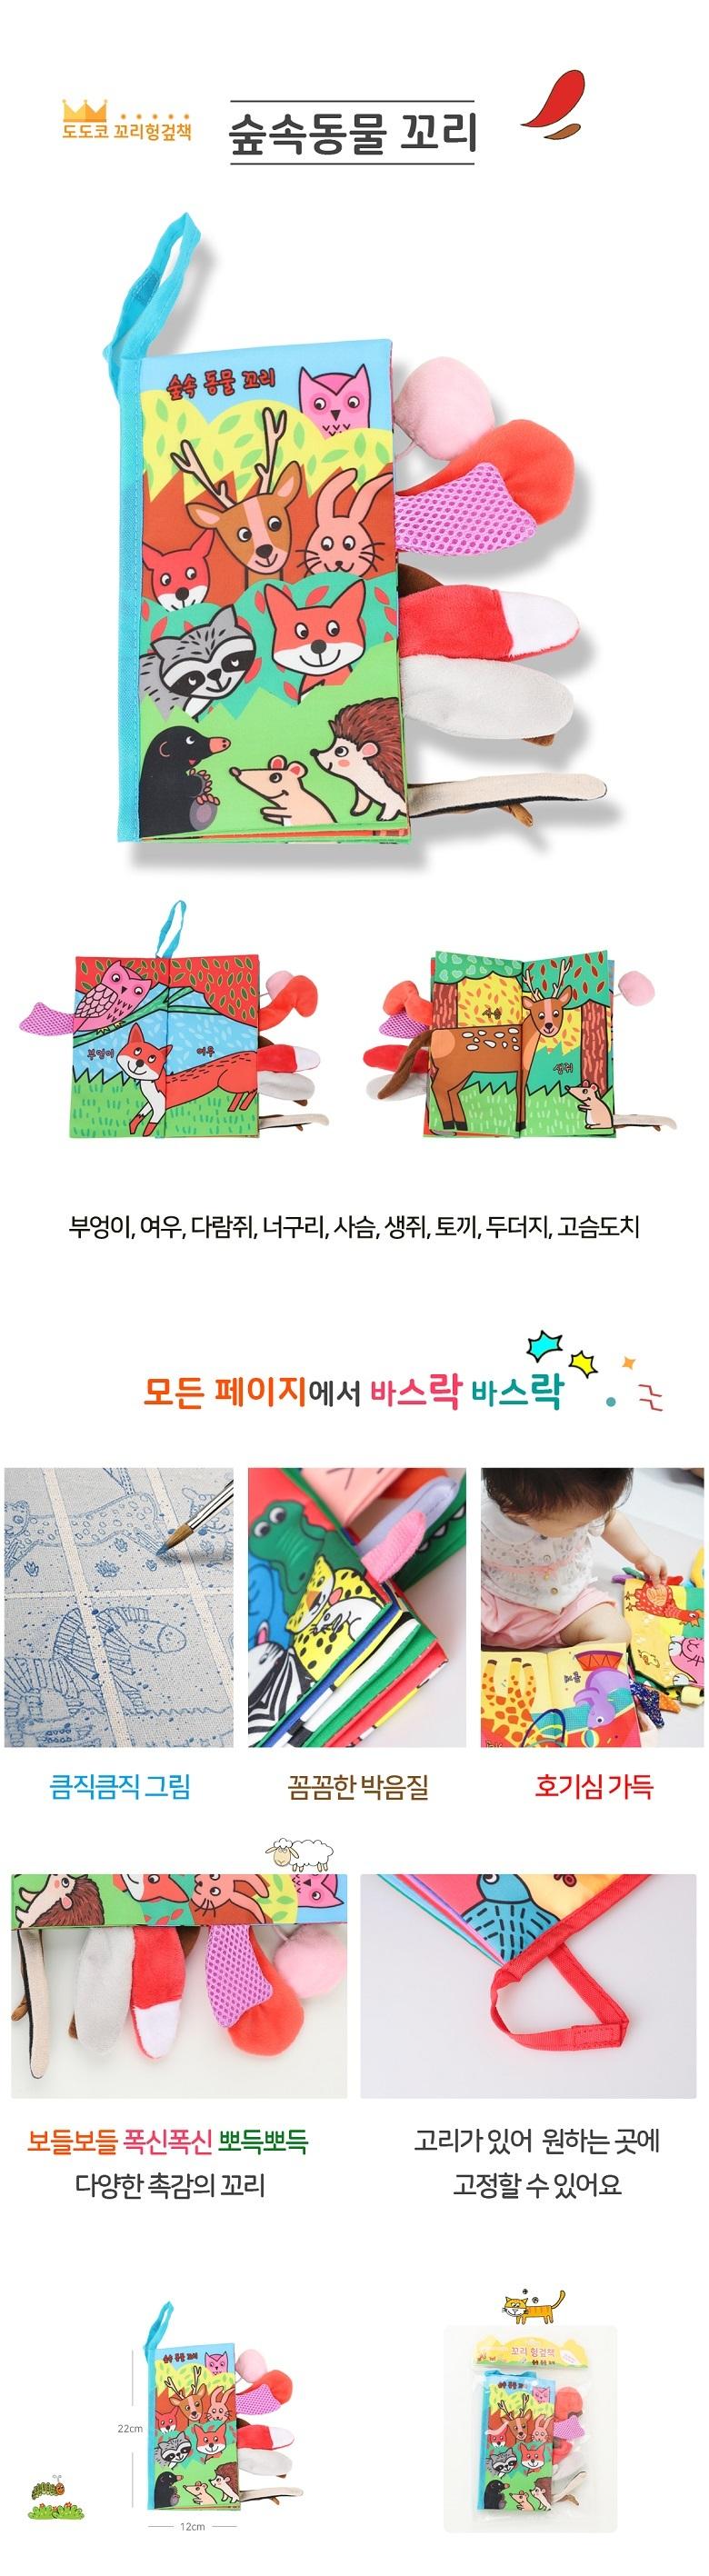 도도코 헝겊책 아기 촉감놀이 꼬리 촉감책 숲속동물 꼬리 - 도도코, 18,000원, 교육완구, 역할놀이완구